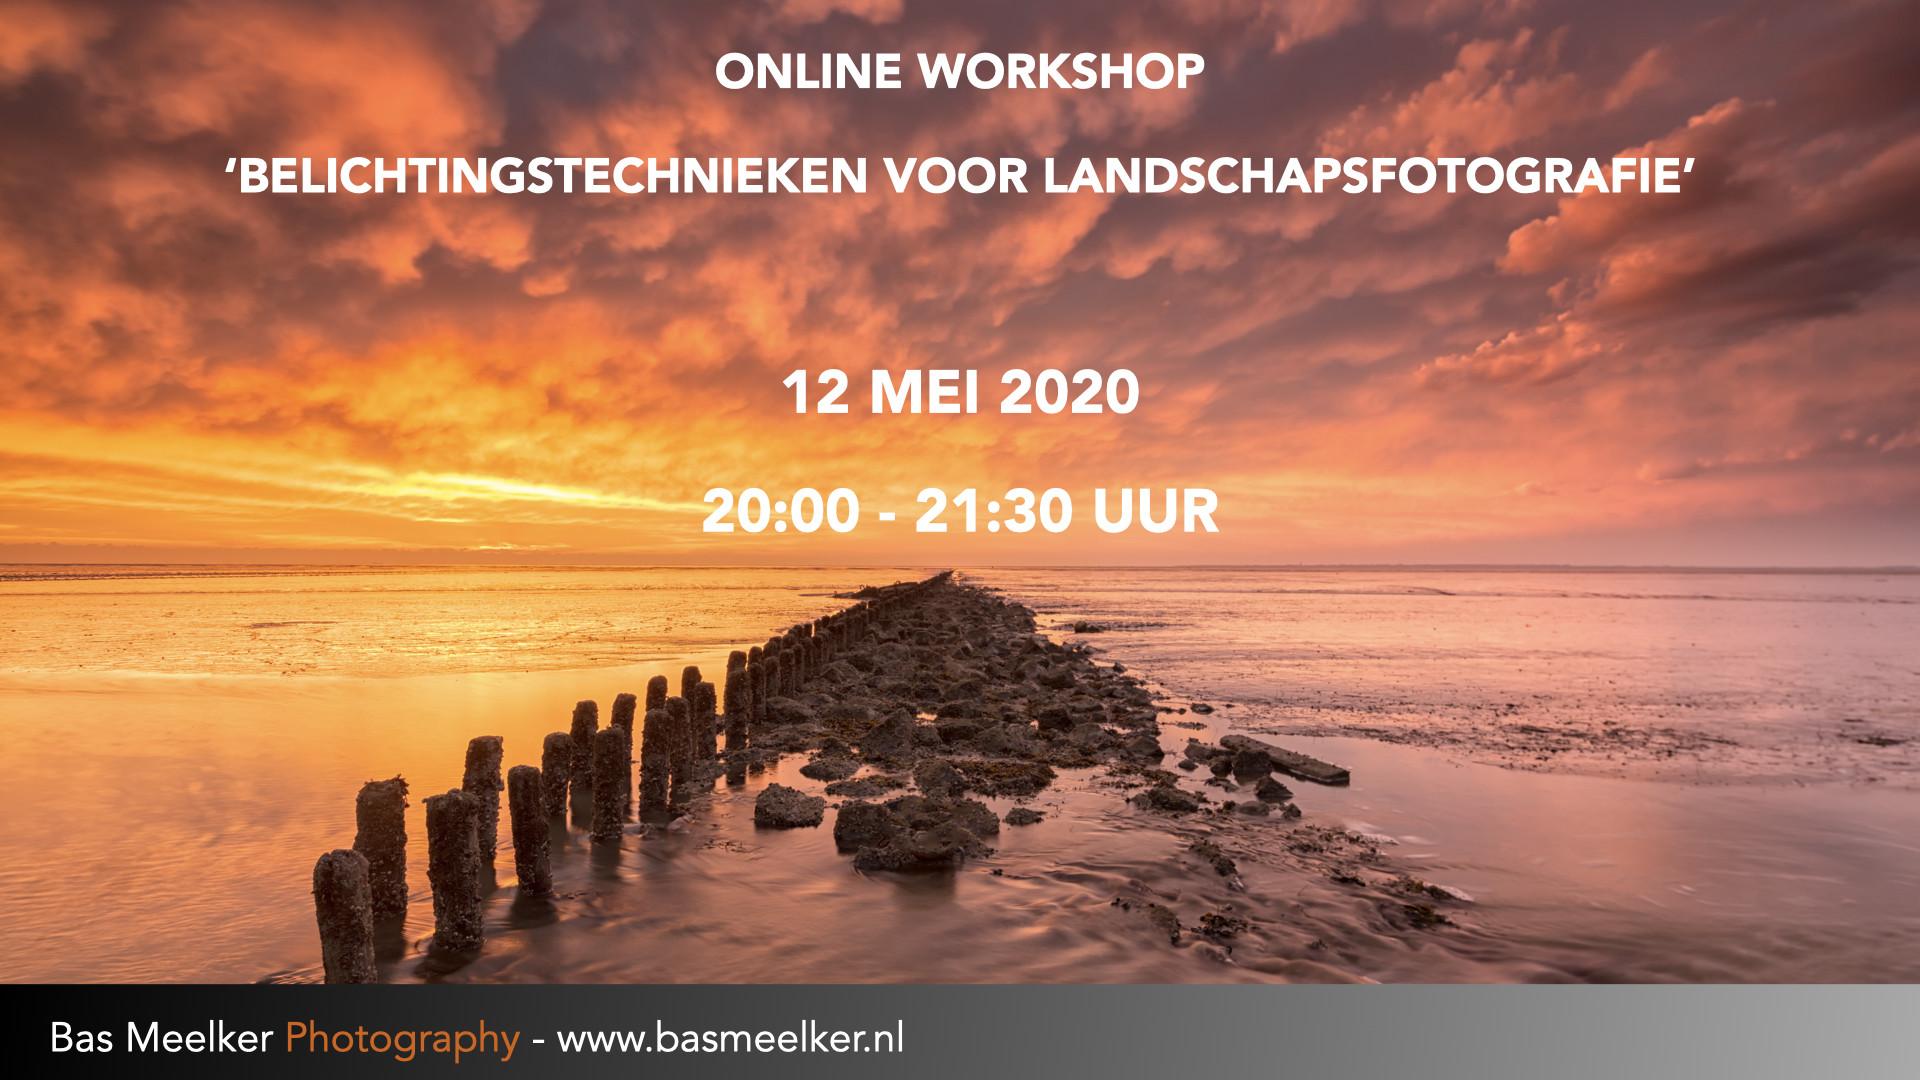 Online workshop landschapsfotografie 12 mei 2020